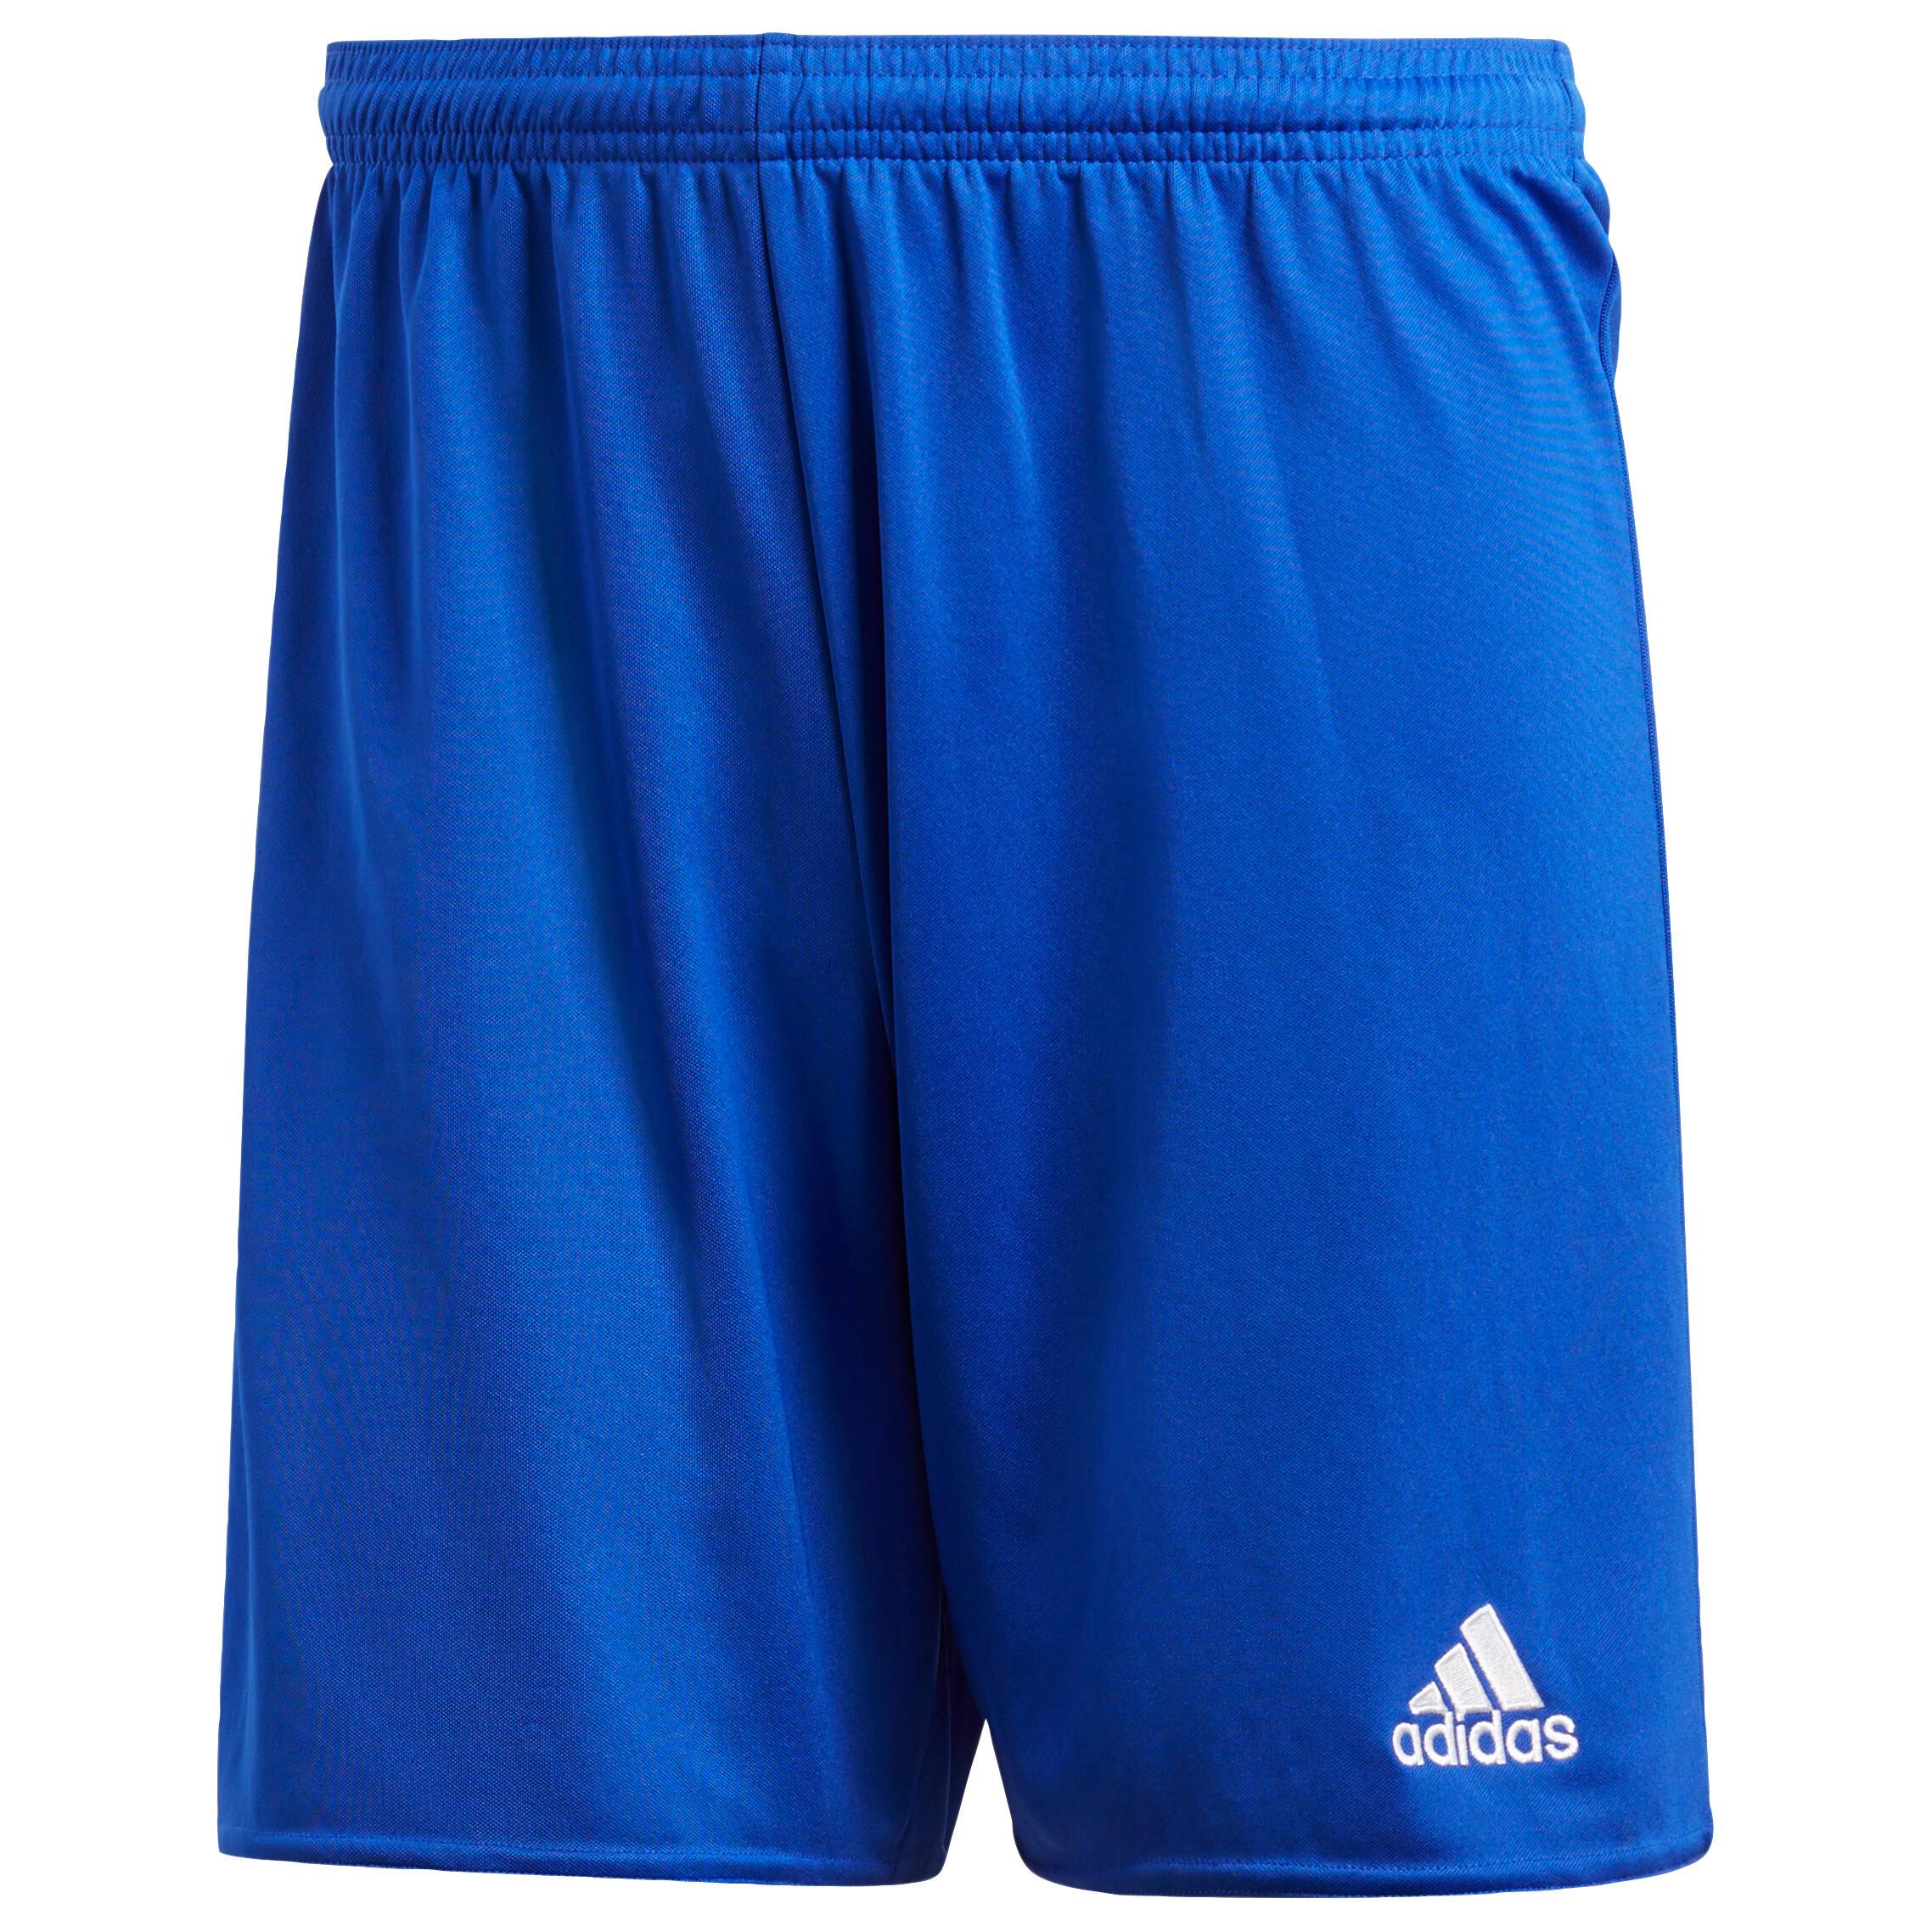 Adidas Voetbaltrainingsshort volwassenen Parma blauw